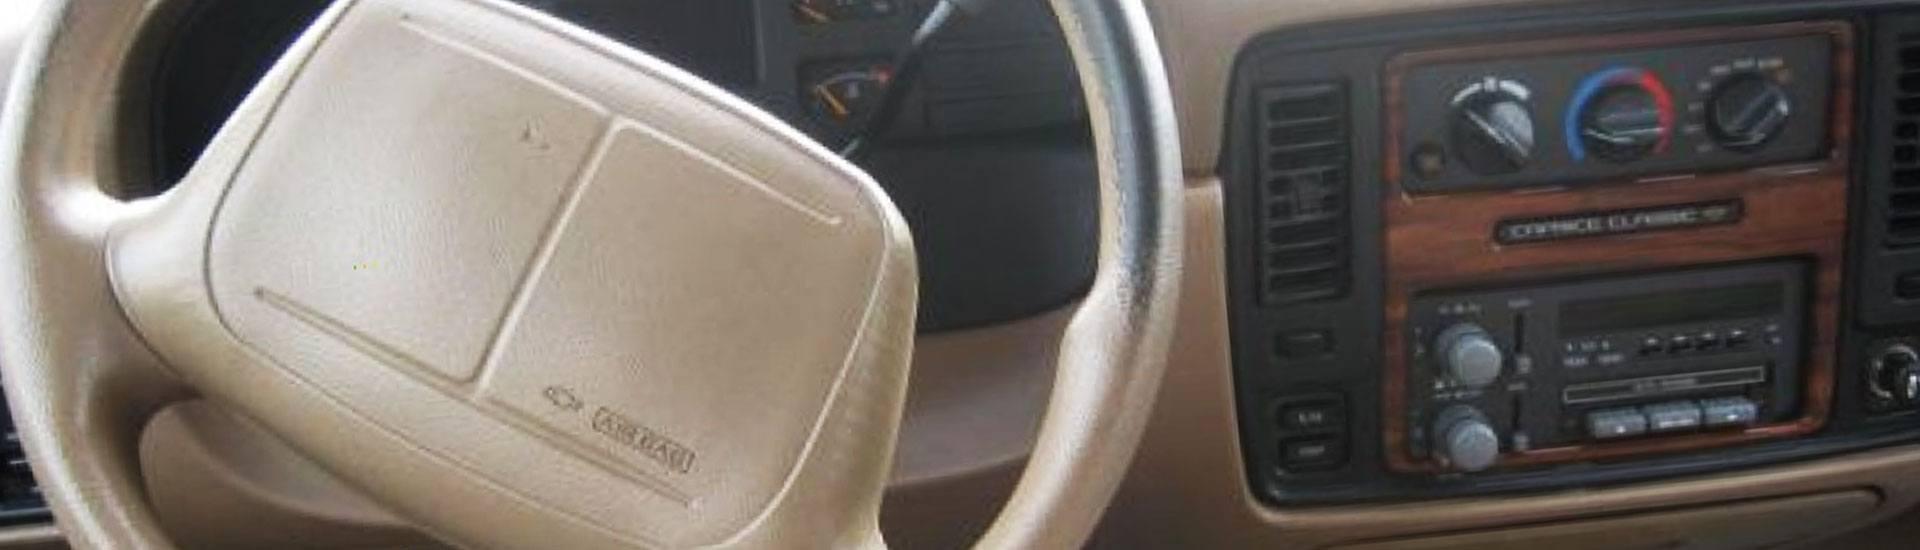 1995 chevrolet caprice custom dash kits